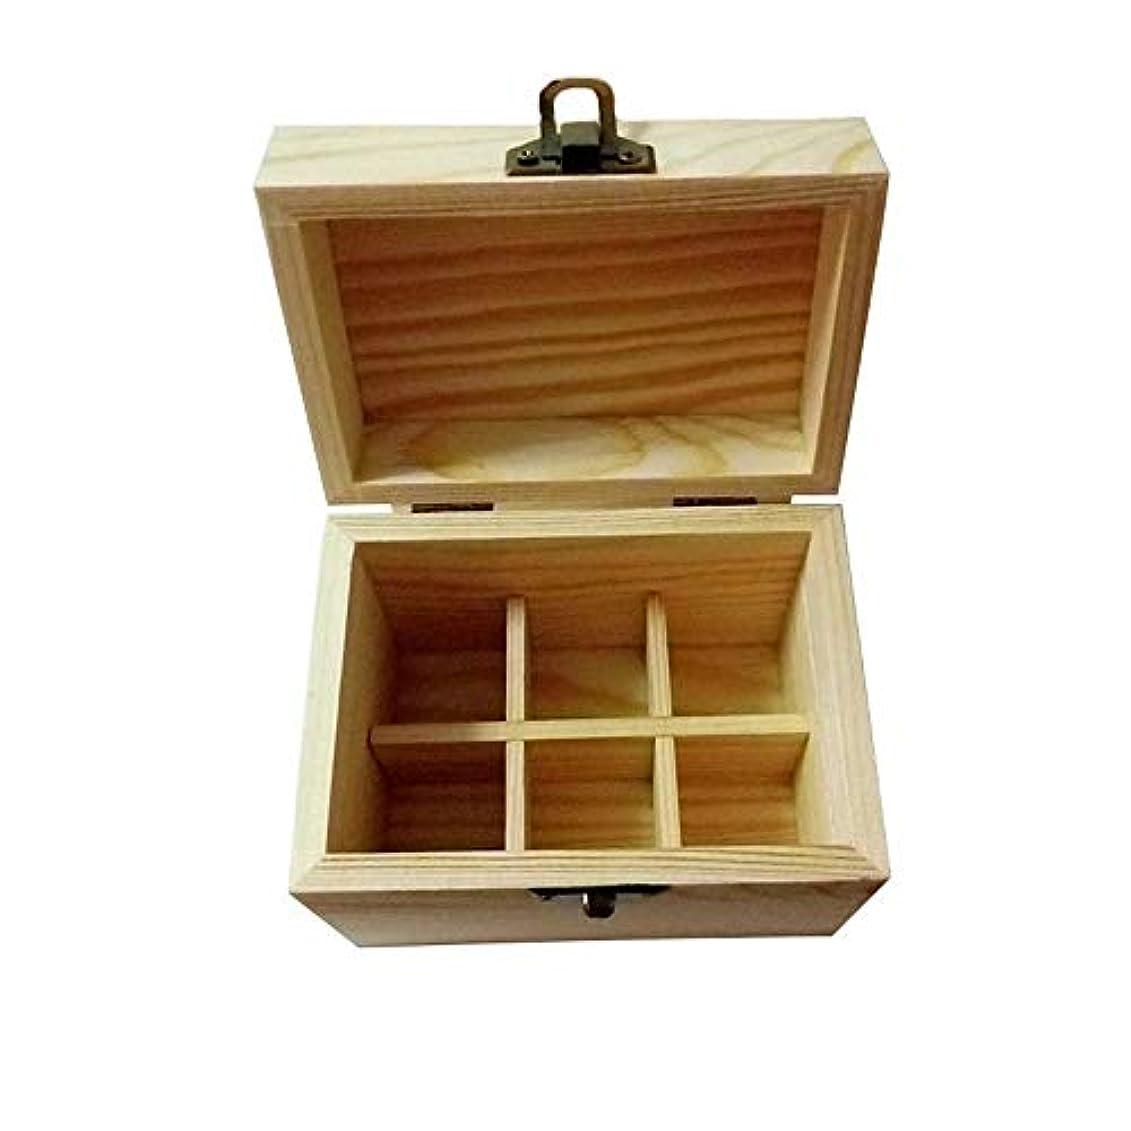 アプローチ知覚間違えたエッセンシャルオイル収納ボックス エッセンシャルオイルストレージボックスケース木製??の主催者は表示11.5x8x9.5cmを運び、ホームストレージセーフ6本のボトルを保持します (色 : Natural, サイズ :...